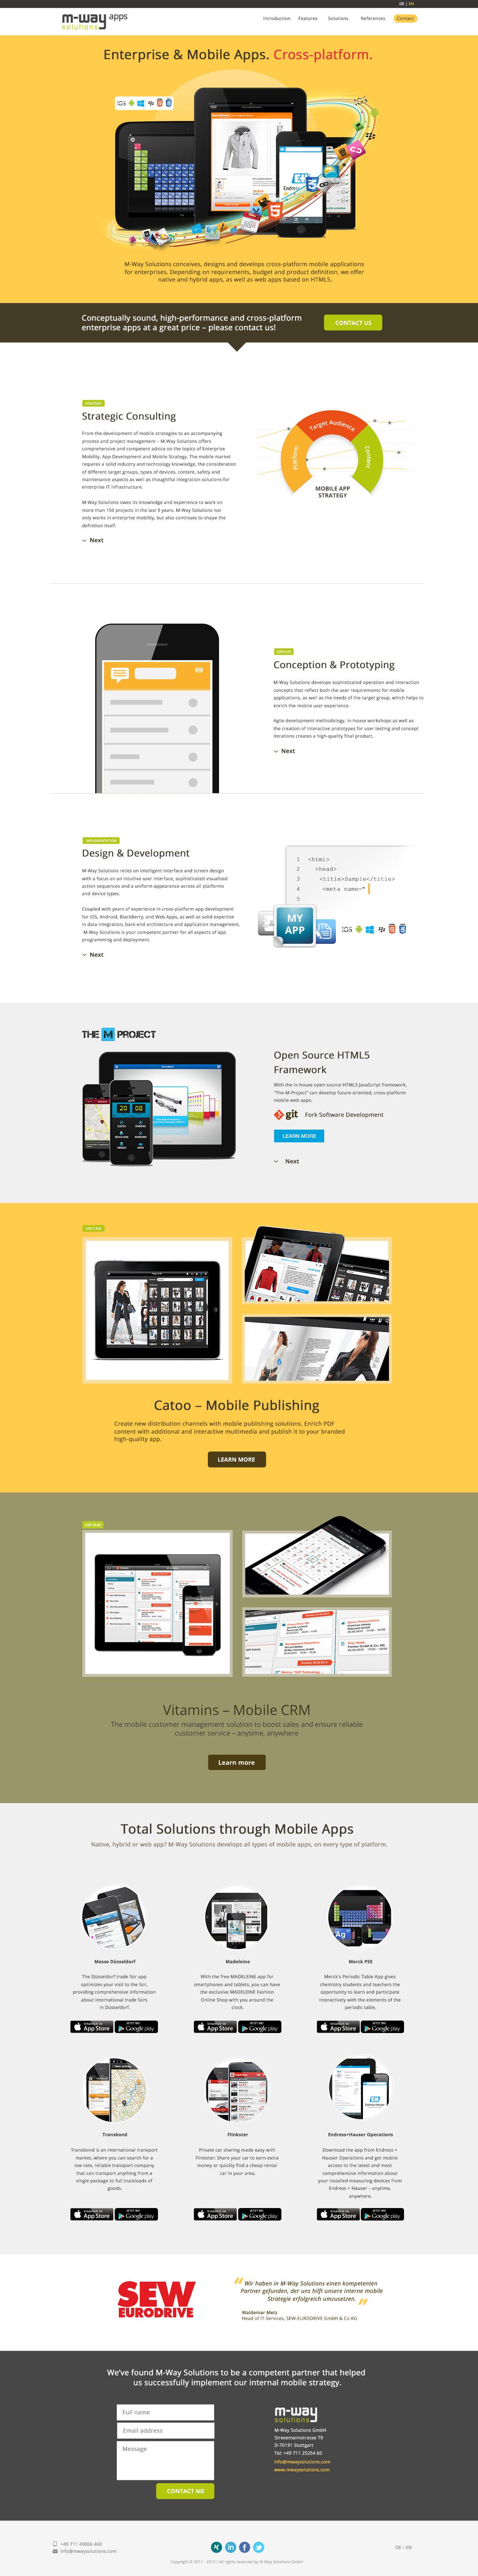 M-Way Apps Website Screenshot